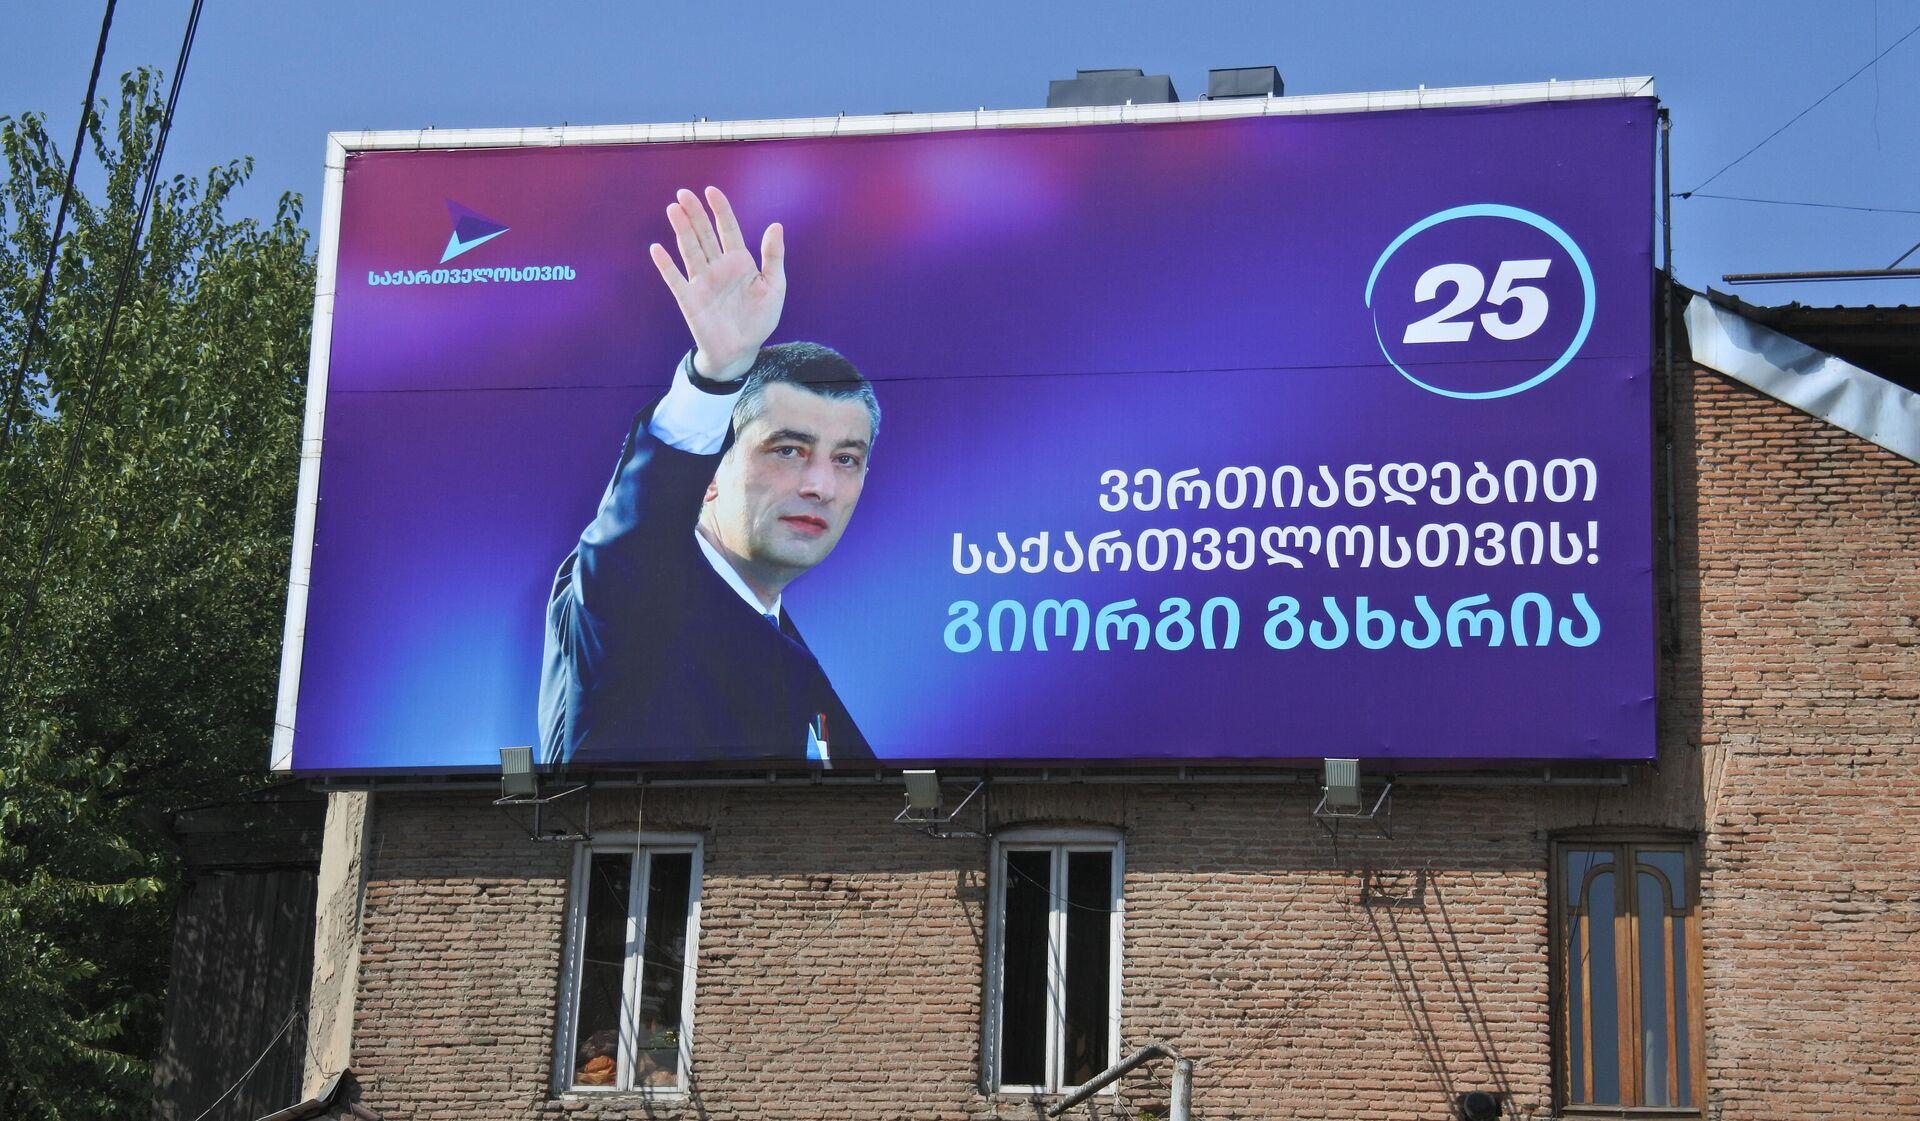 Предвыборная реклама  - баннер партии За Грузию Георгия Гахария с его портретом - Sputnik Грузия, 1920, 27.09.2021